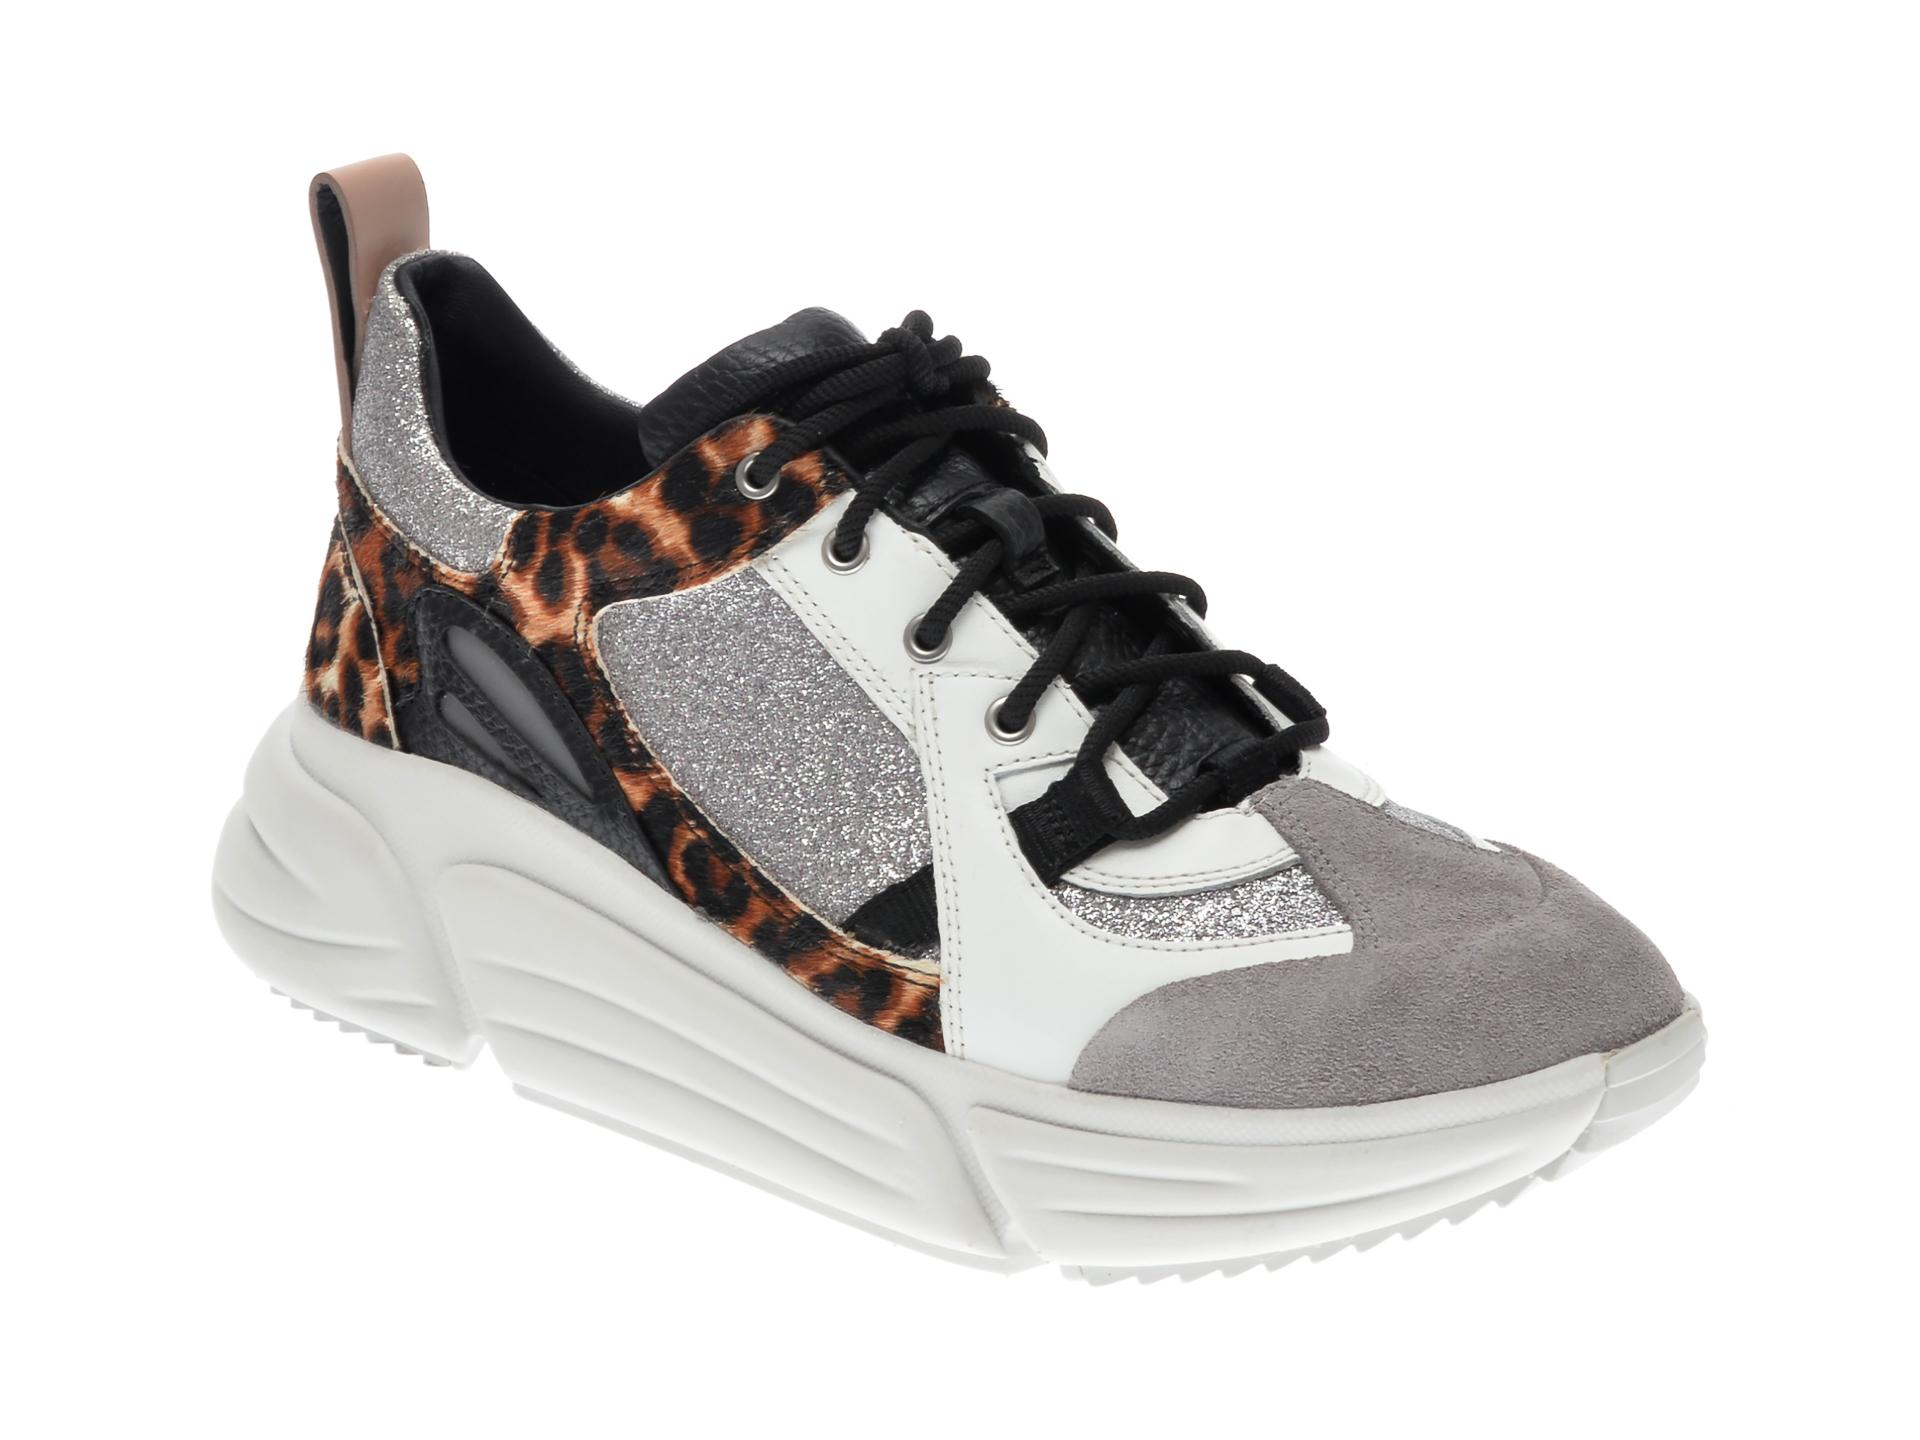 Pantofi sport CLARKS multicolori, TRI COMET LACE, din piele naturala imagine